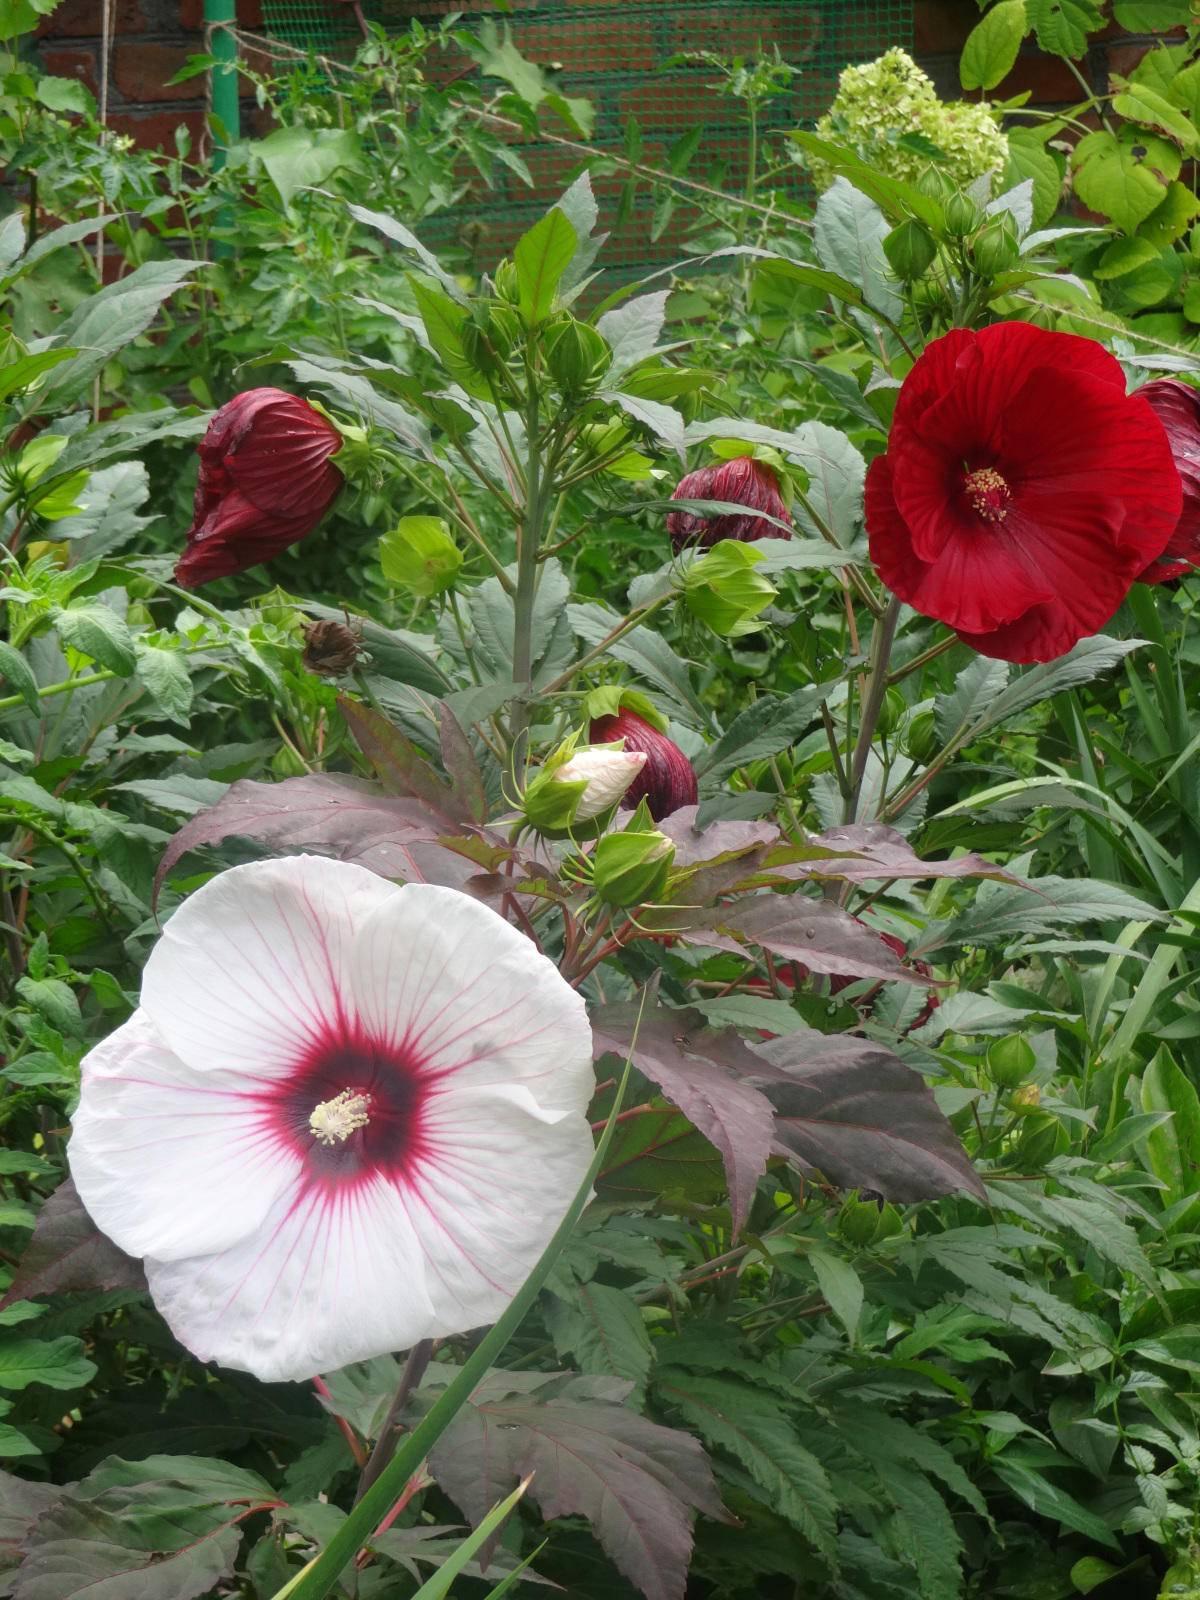 Гибискус болотный (23 фото): выращивание extreme magenta из семян в домашних условиях, посадка и уход в открытом грунте